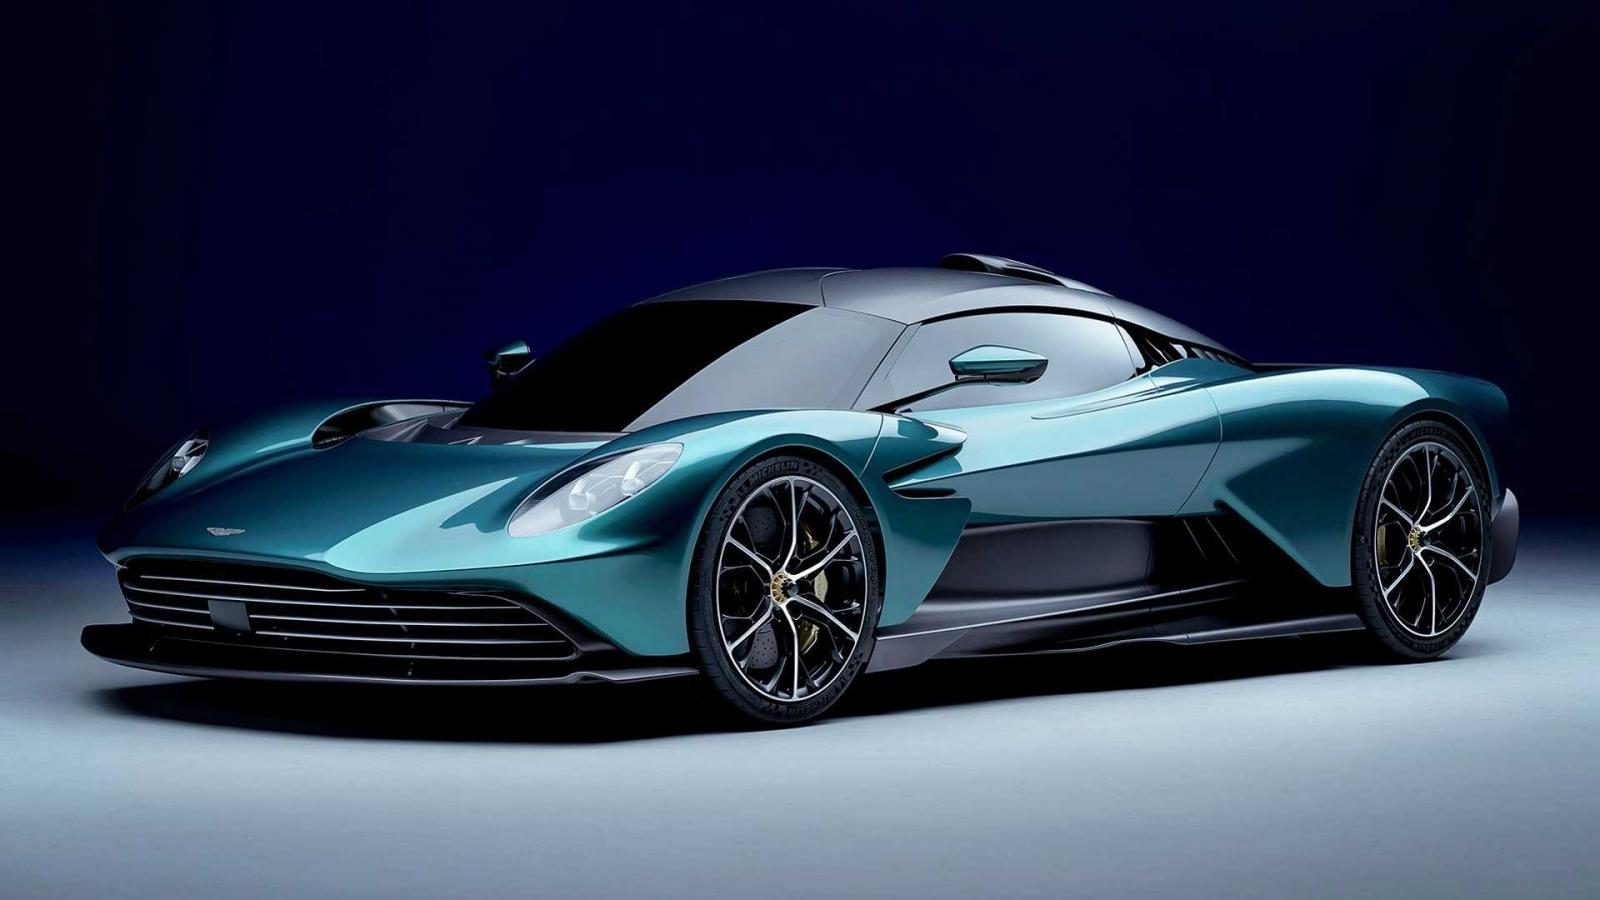 Siêu xe Aston Martin Valhalla ra mắt với hệ dẫn động V8 hybrid